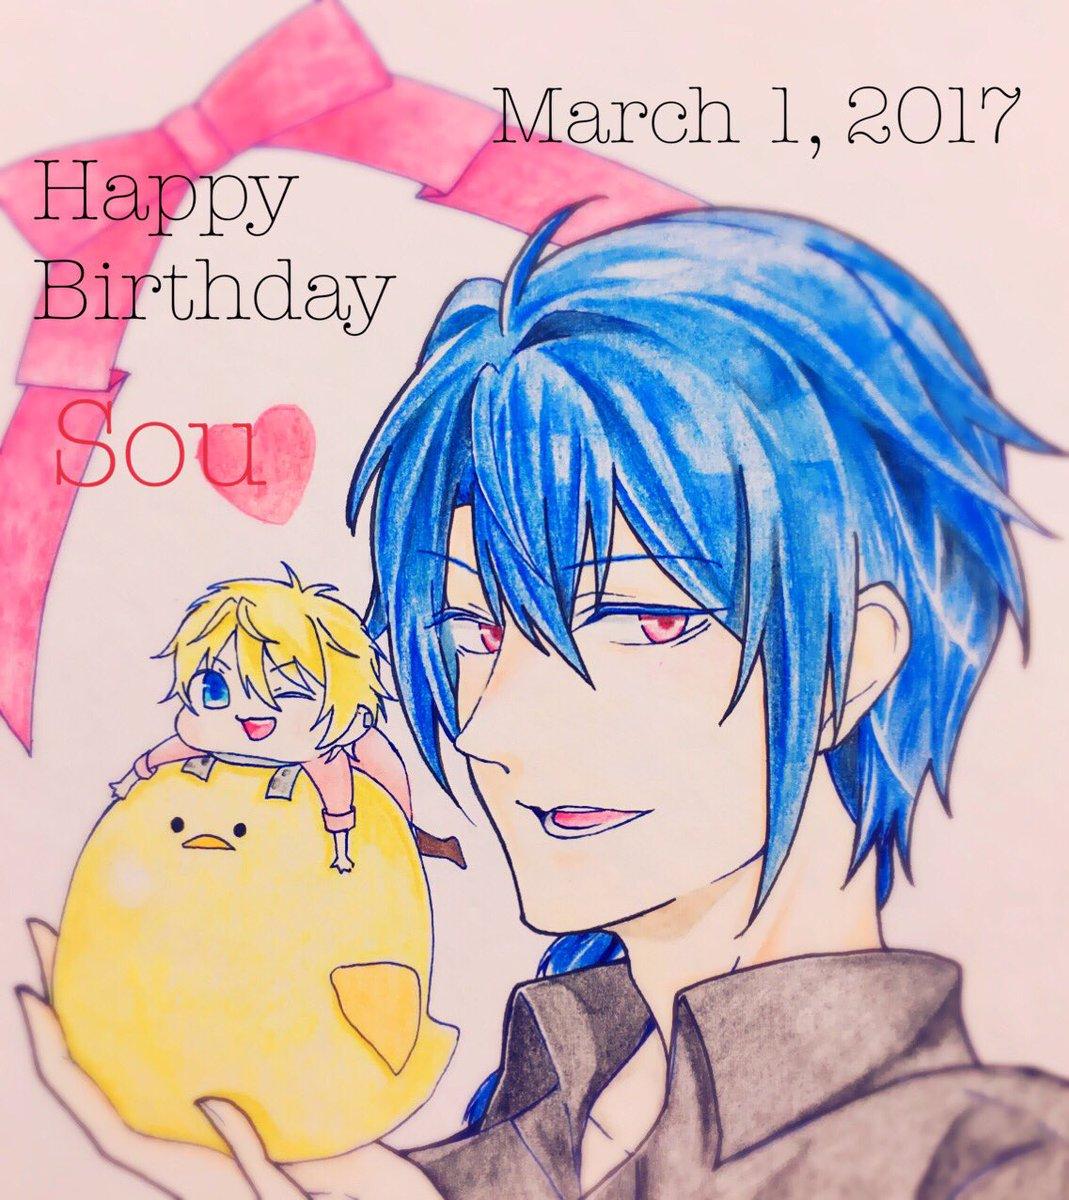 蒼ちゃんお誕生日おめでとうーっ!